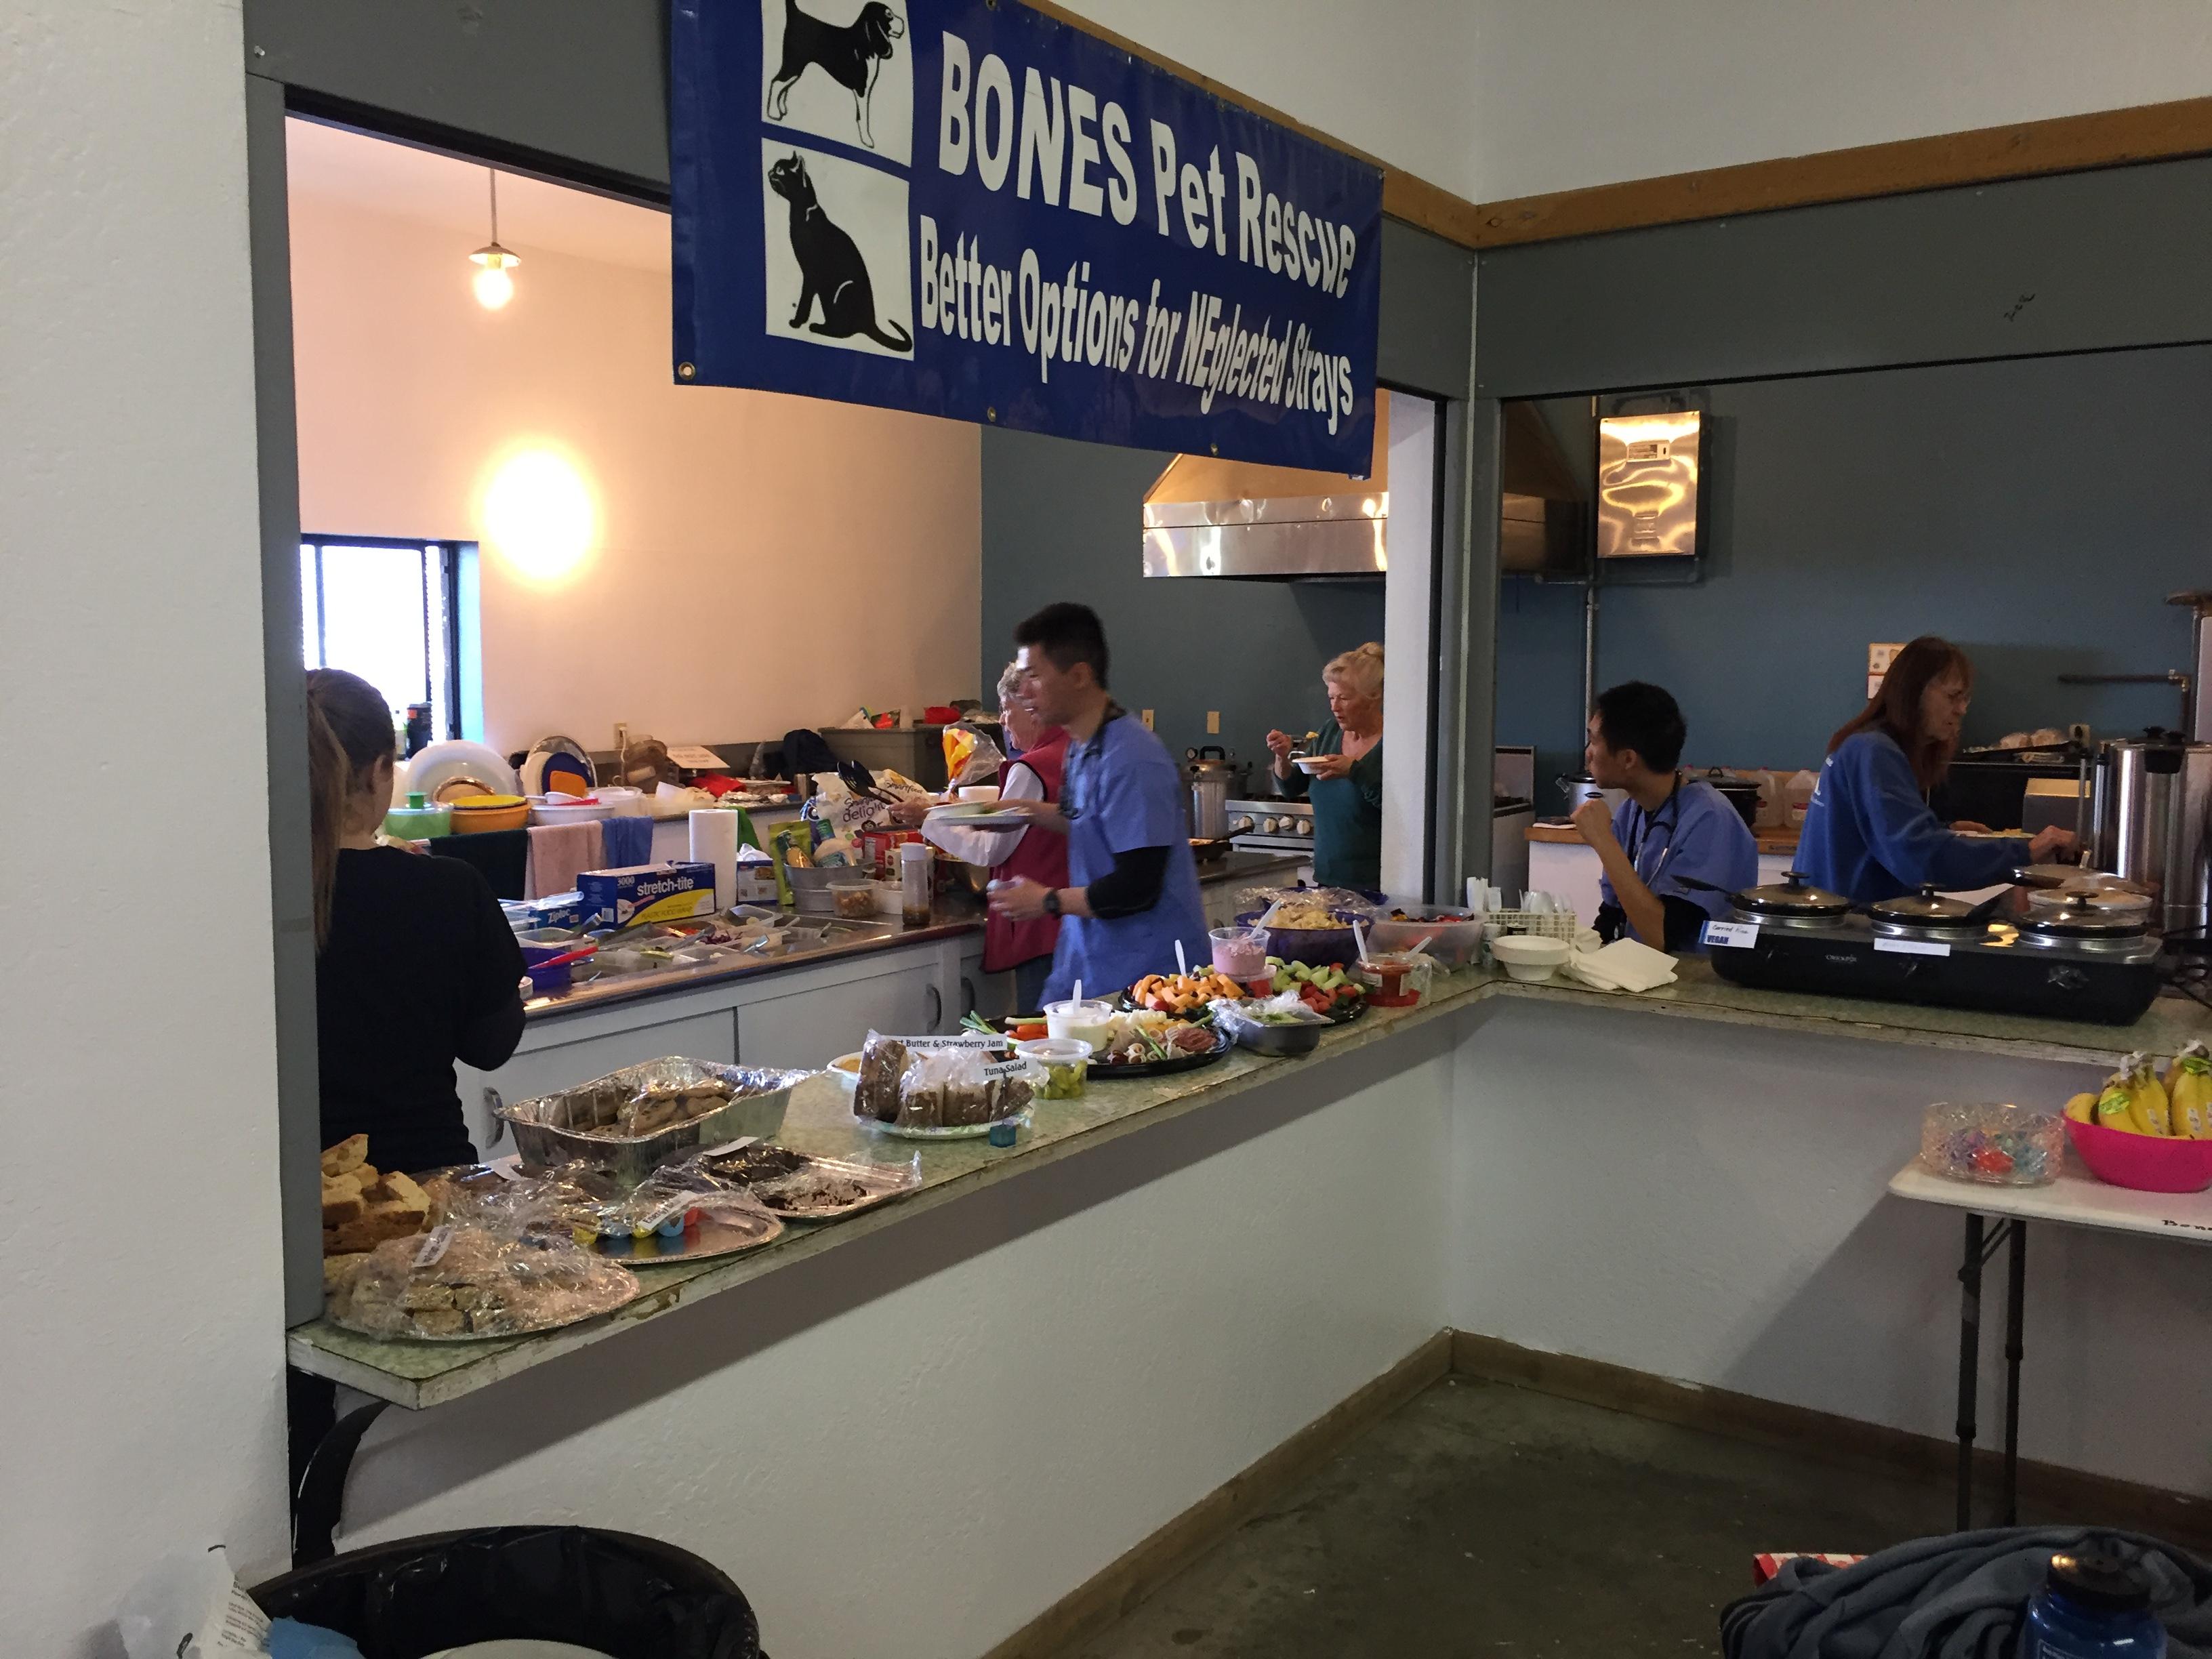 Amazing volunteers in the kitchen